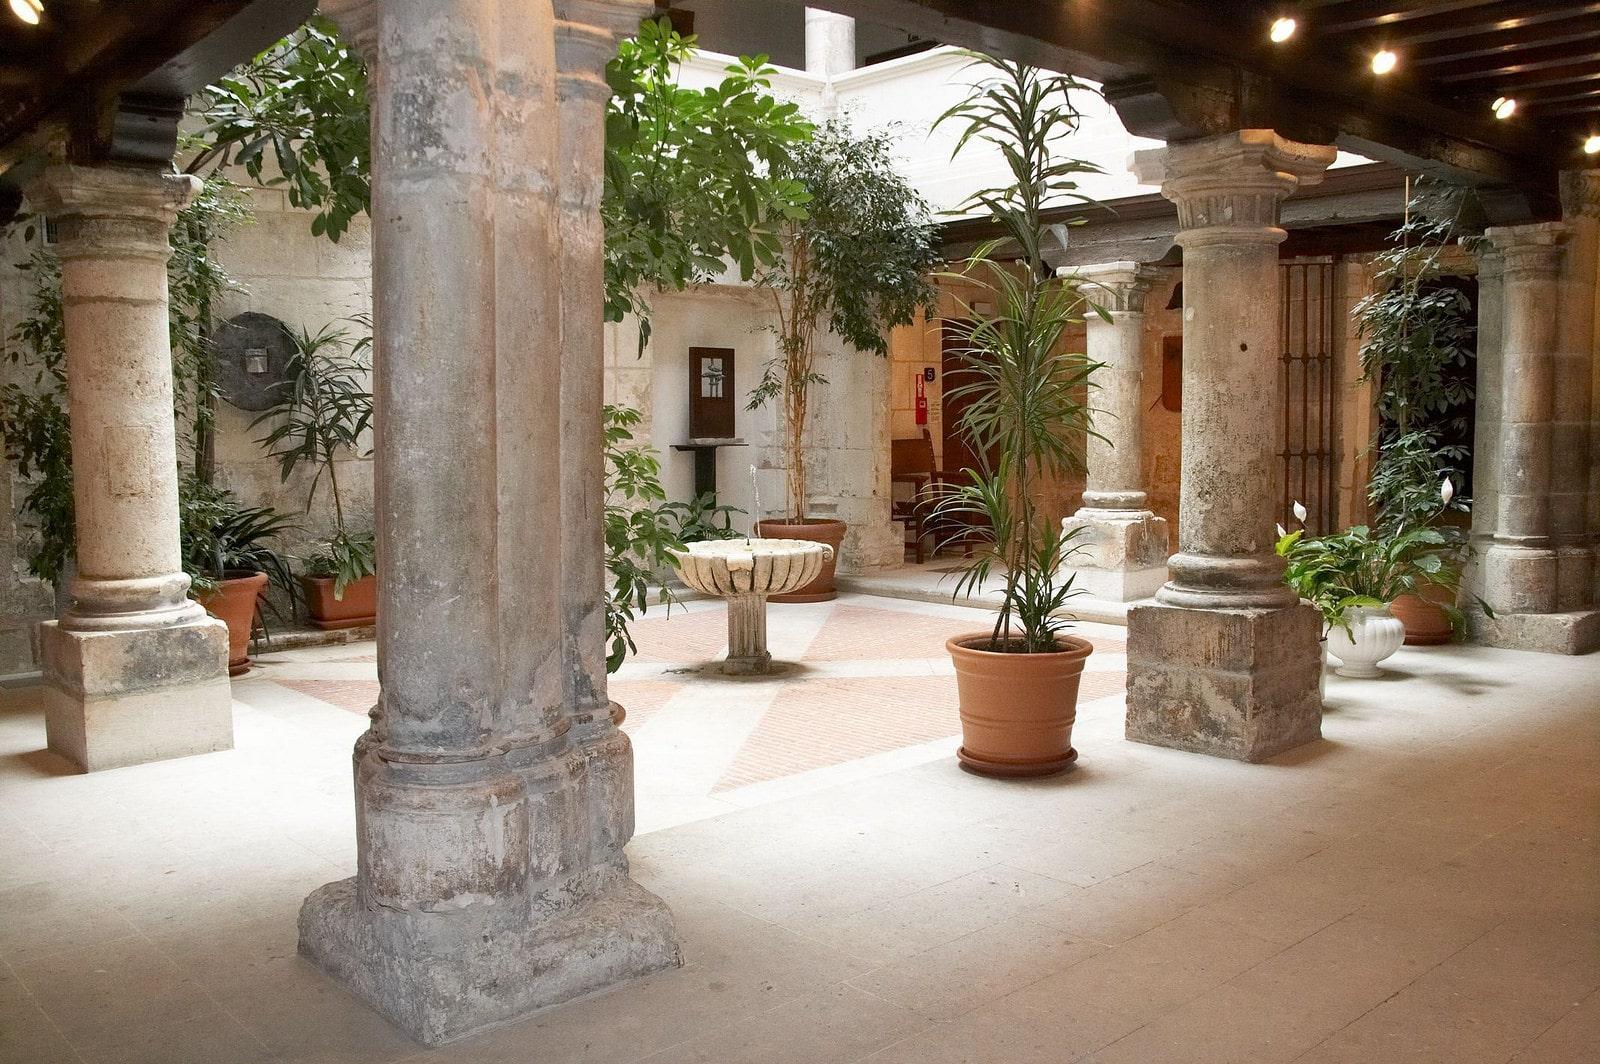 Que ver en Burgos. Palacio de Castilfale min